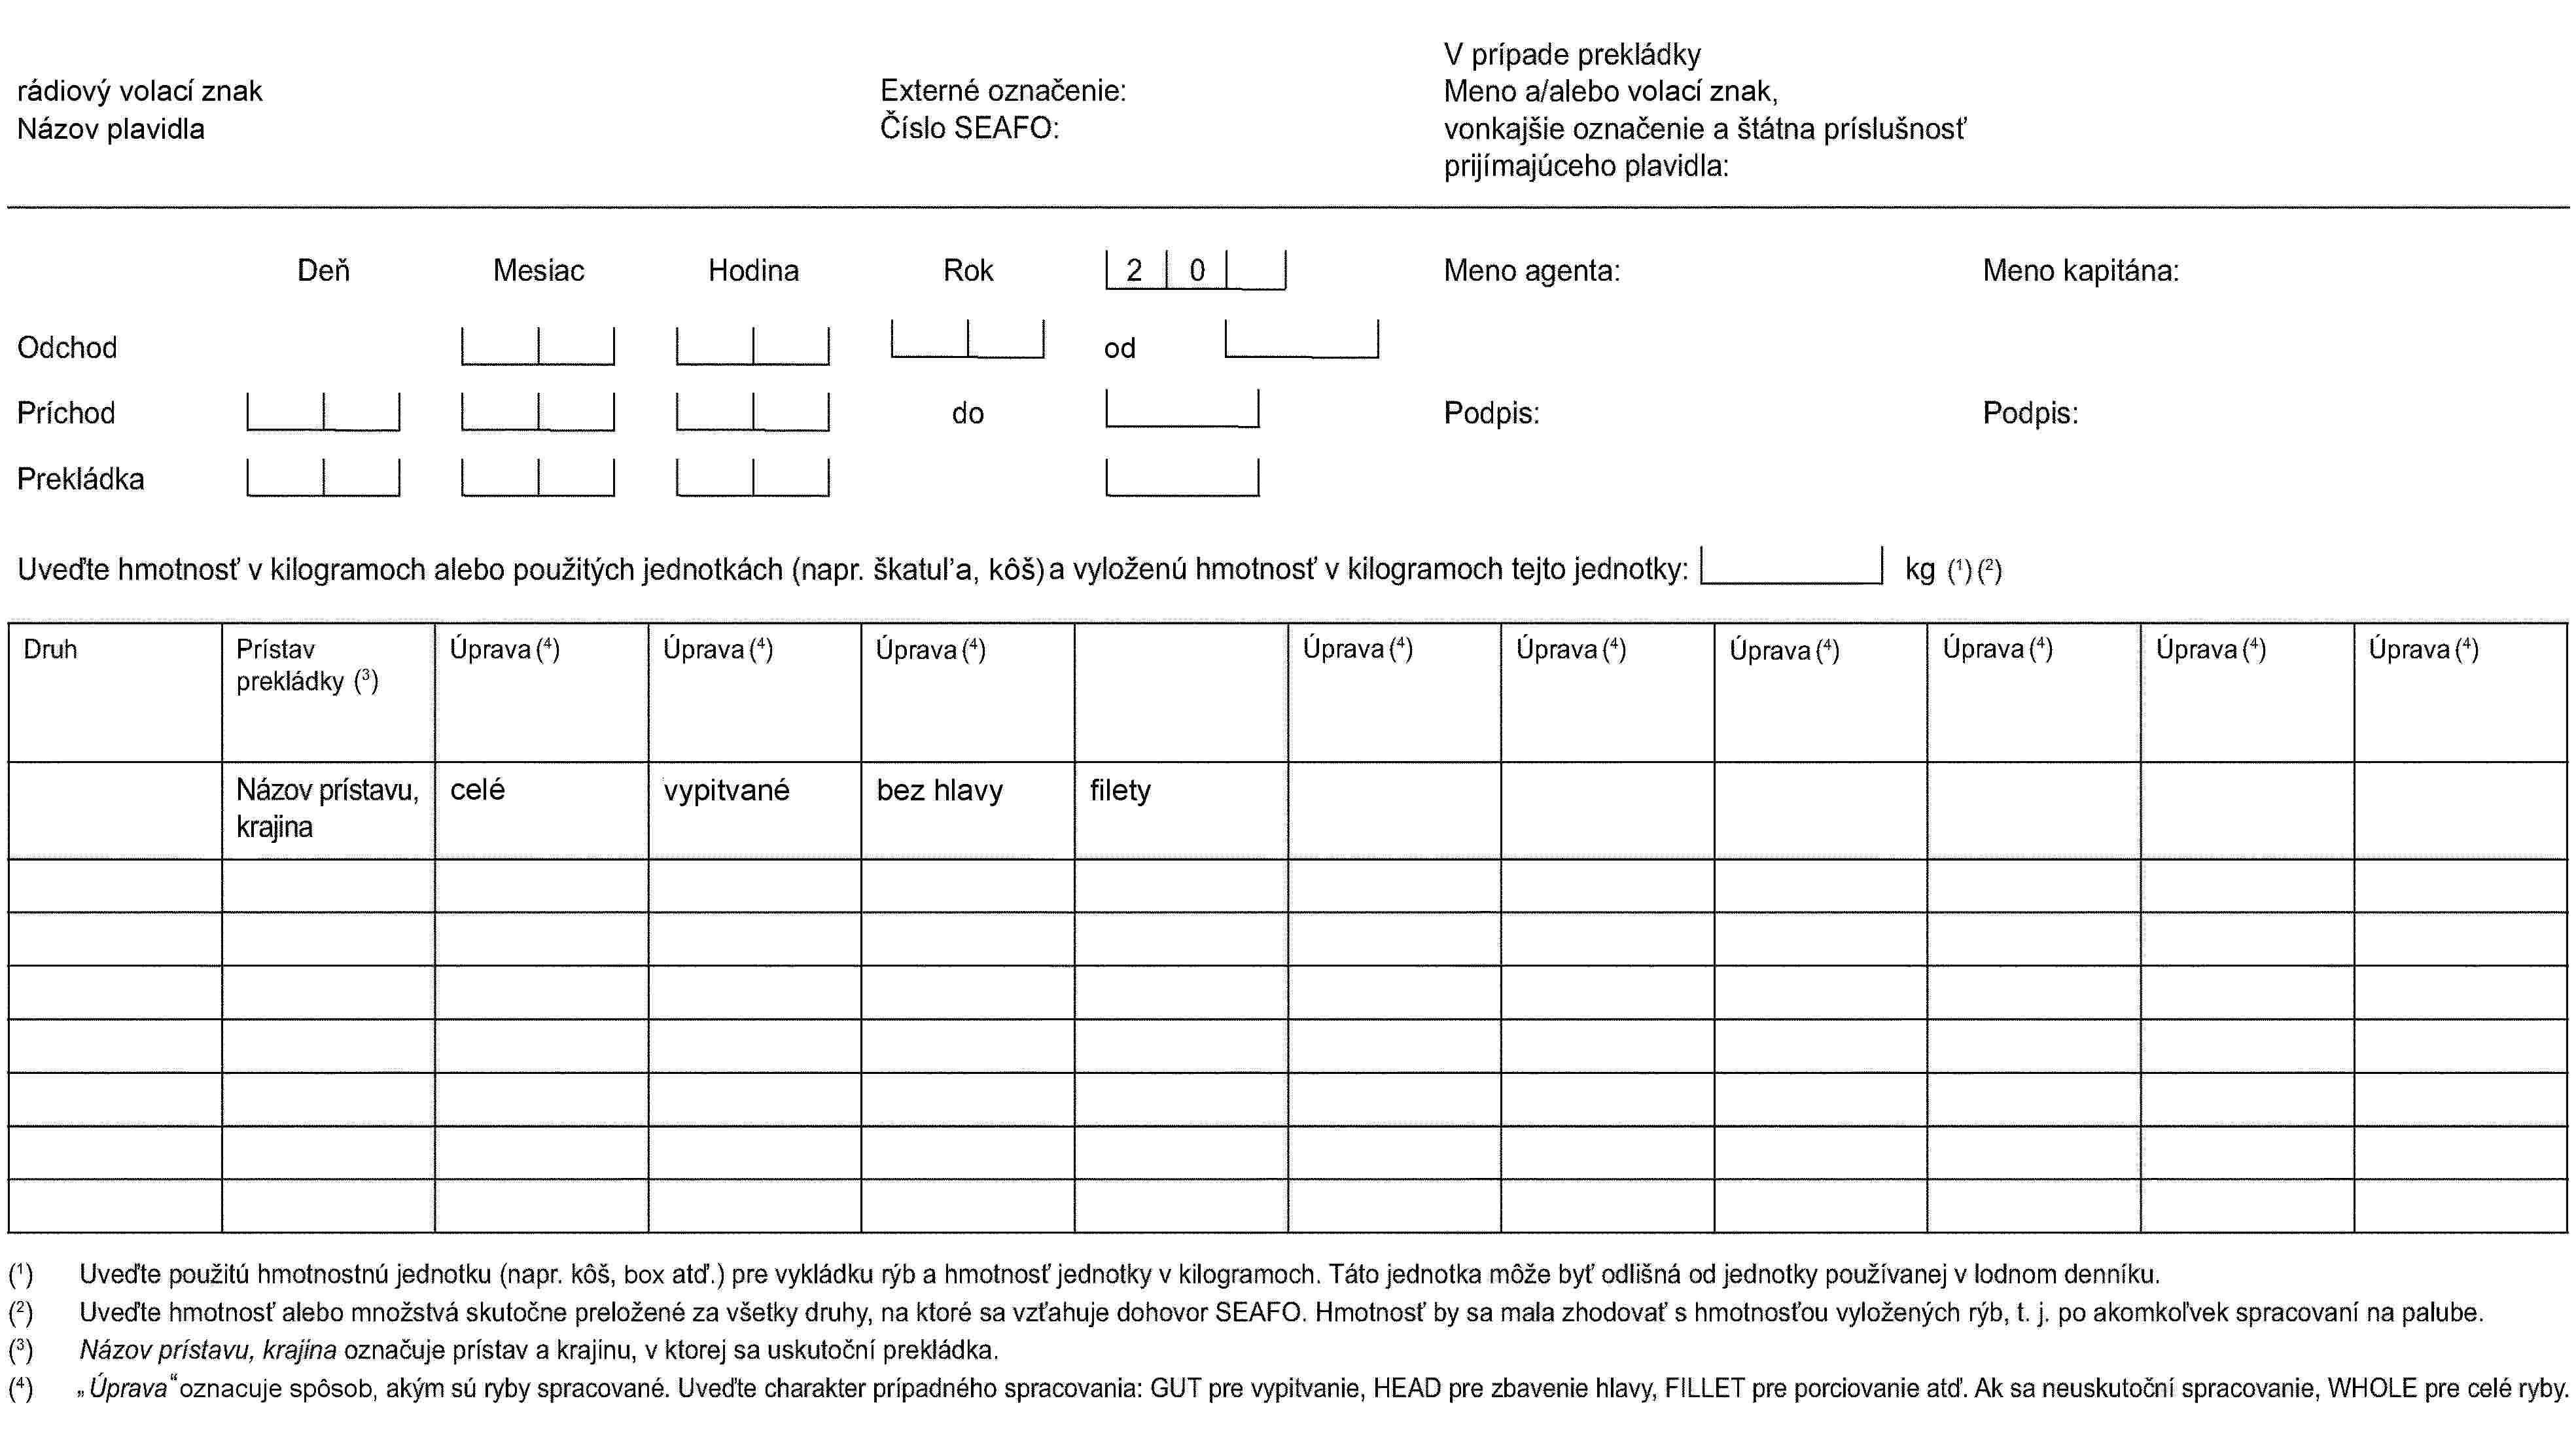 EUR-Lex - 02008R0040-20080708 - EN - EUR-Lex 9e00cb02bef